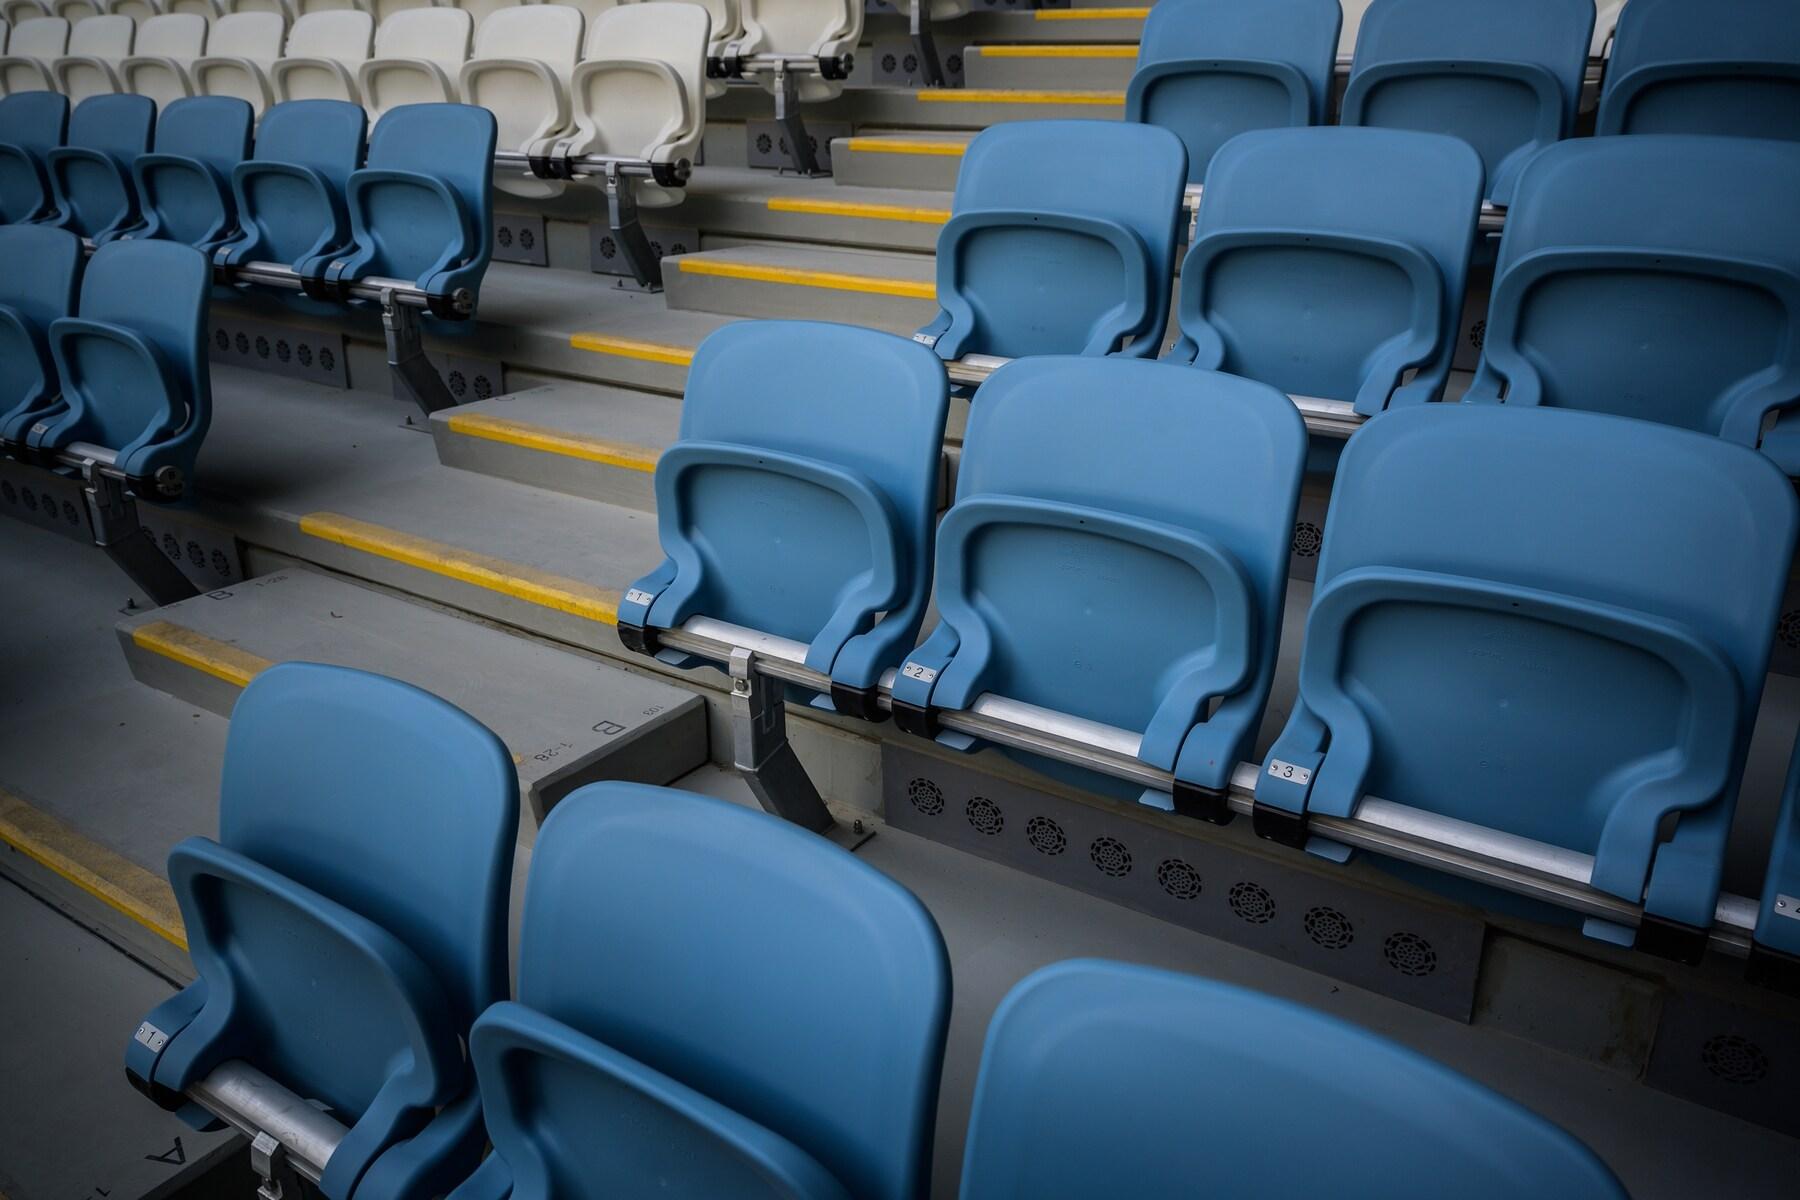 dohai_stadion_legkondicionalas.jpg